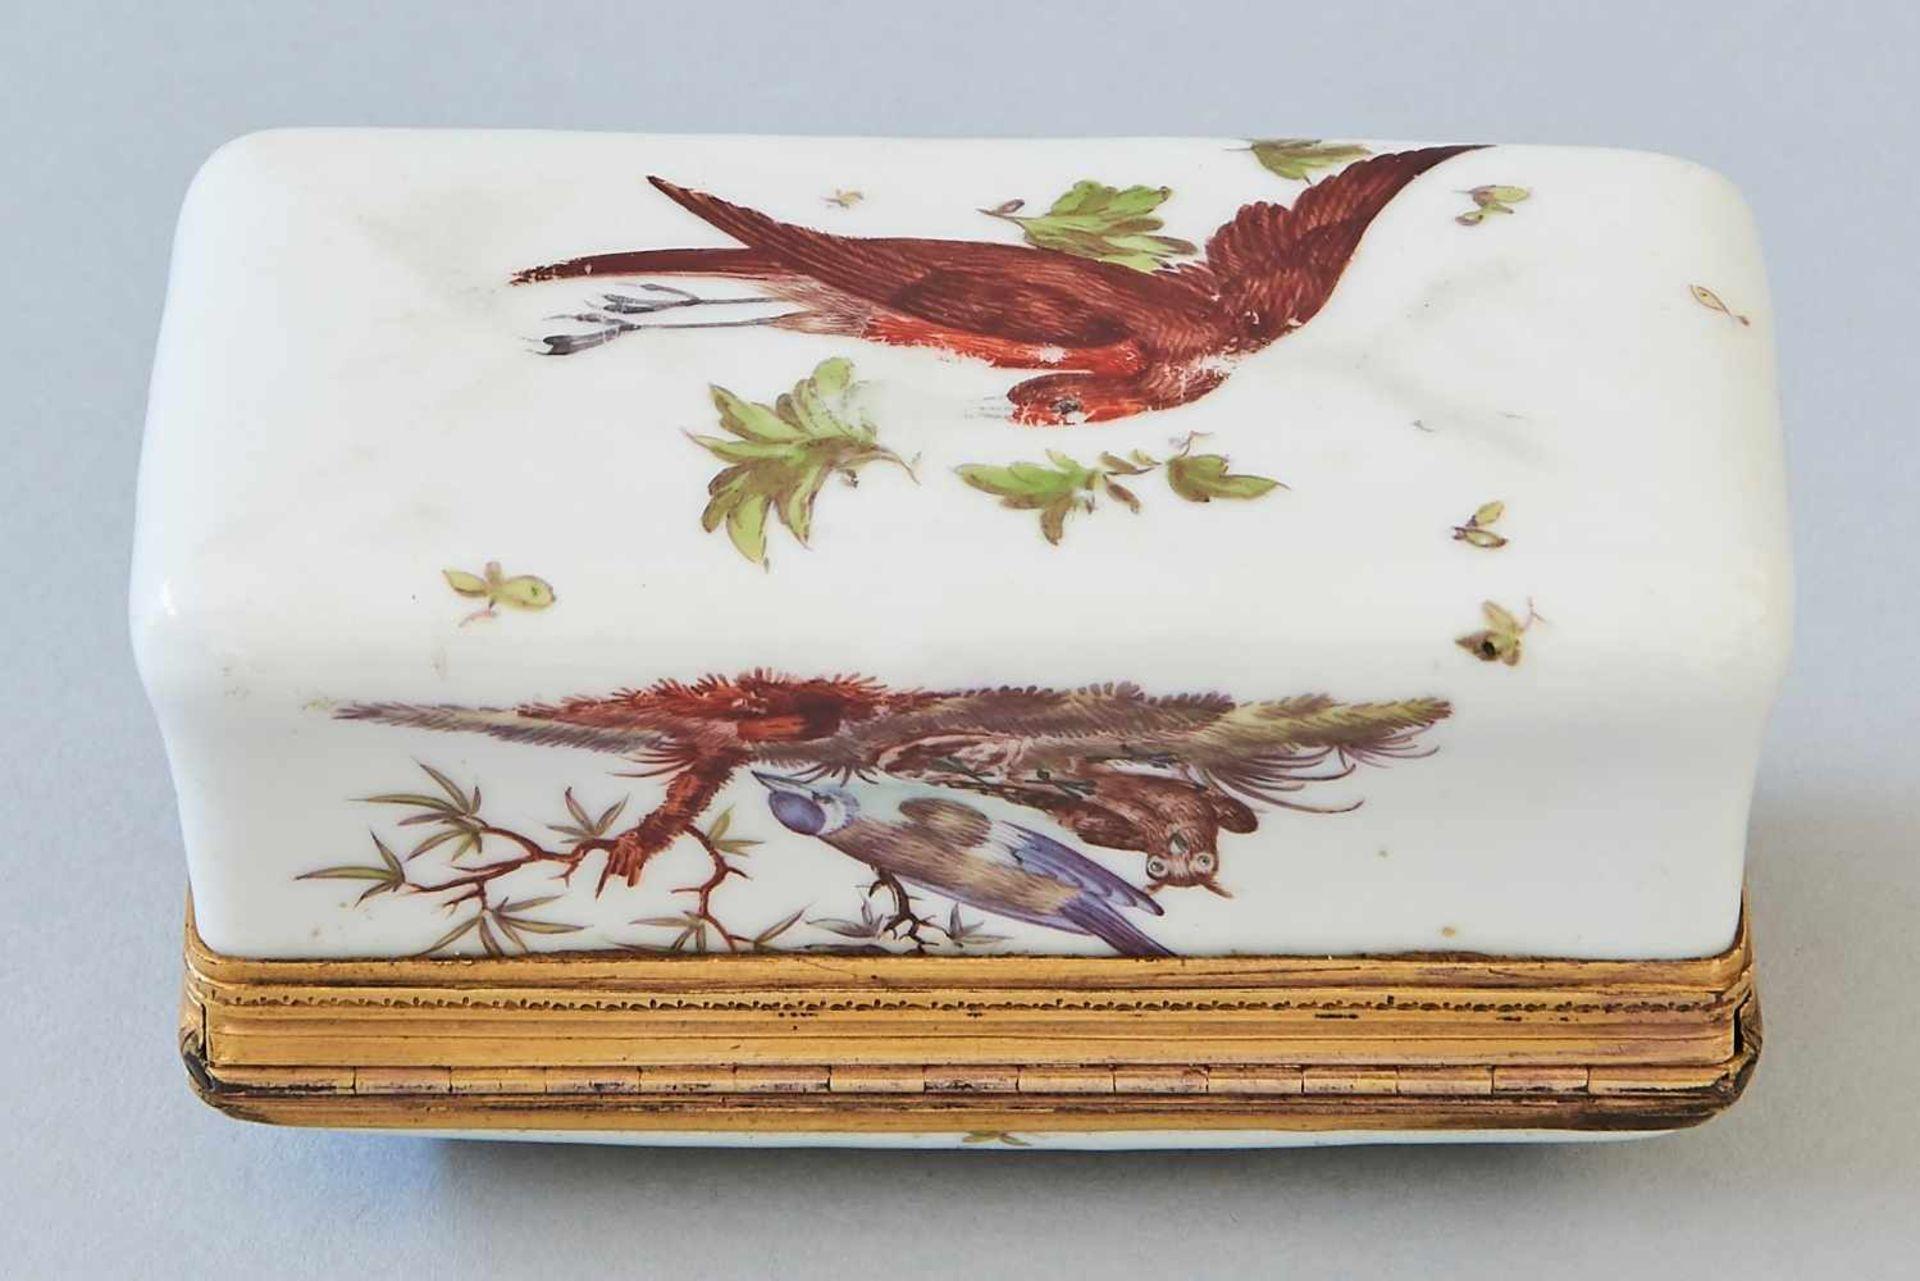 Los 36 - PorzellandoseMit Vogelmalerei und vergoldetem Messingrand, innen ebenfalls bemalt, wohl 18./19.